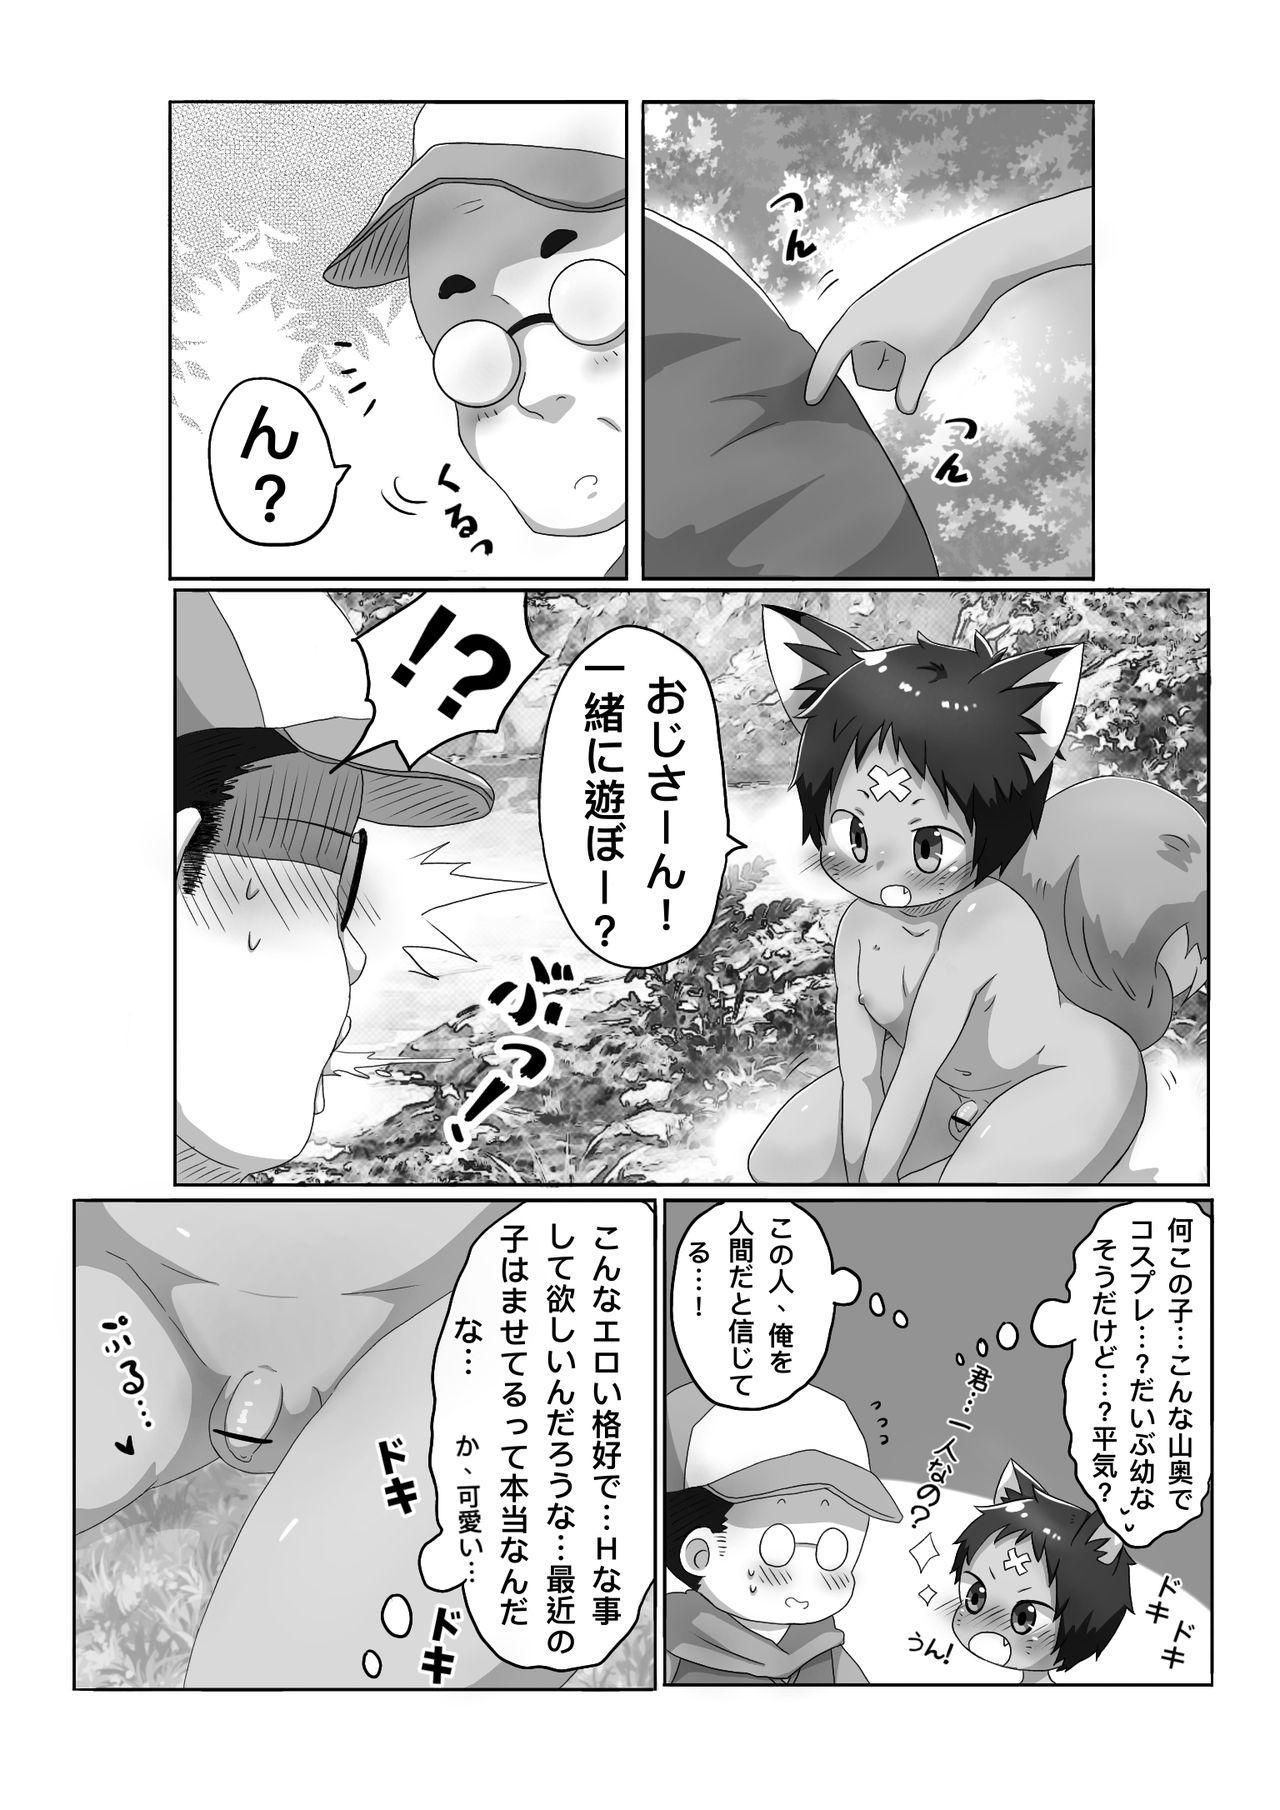 ゴロタ - 狐男児の話 3